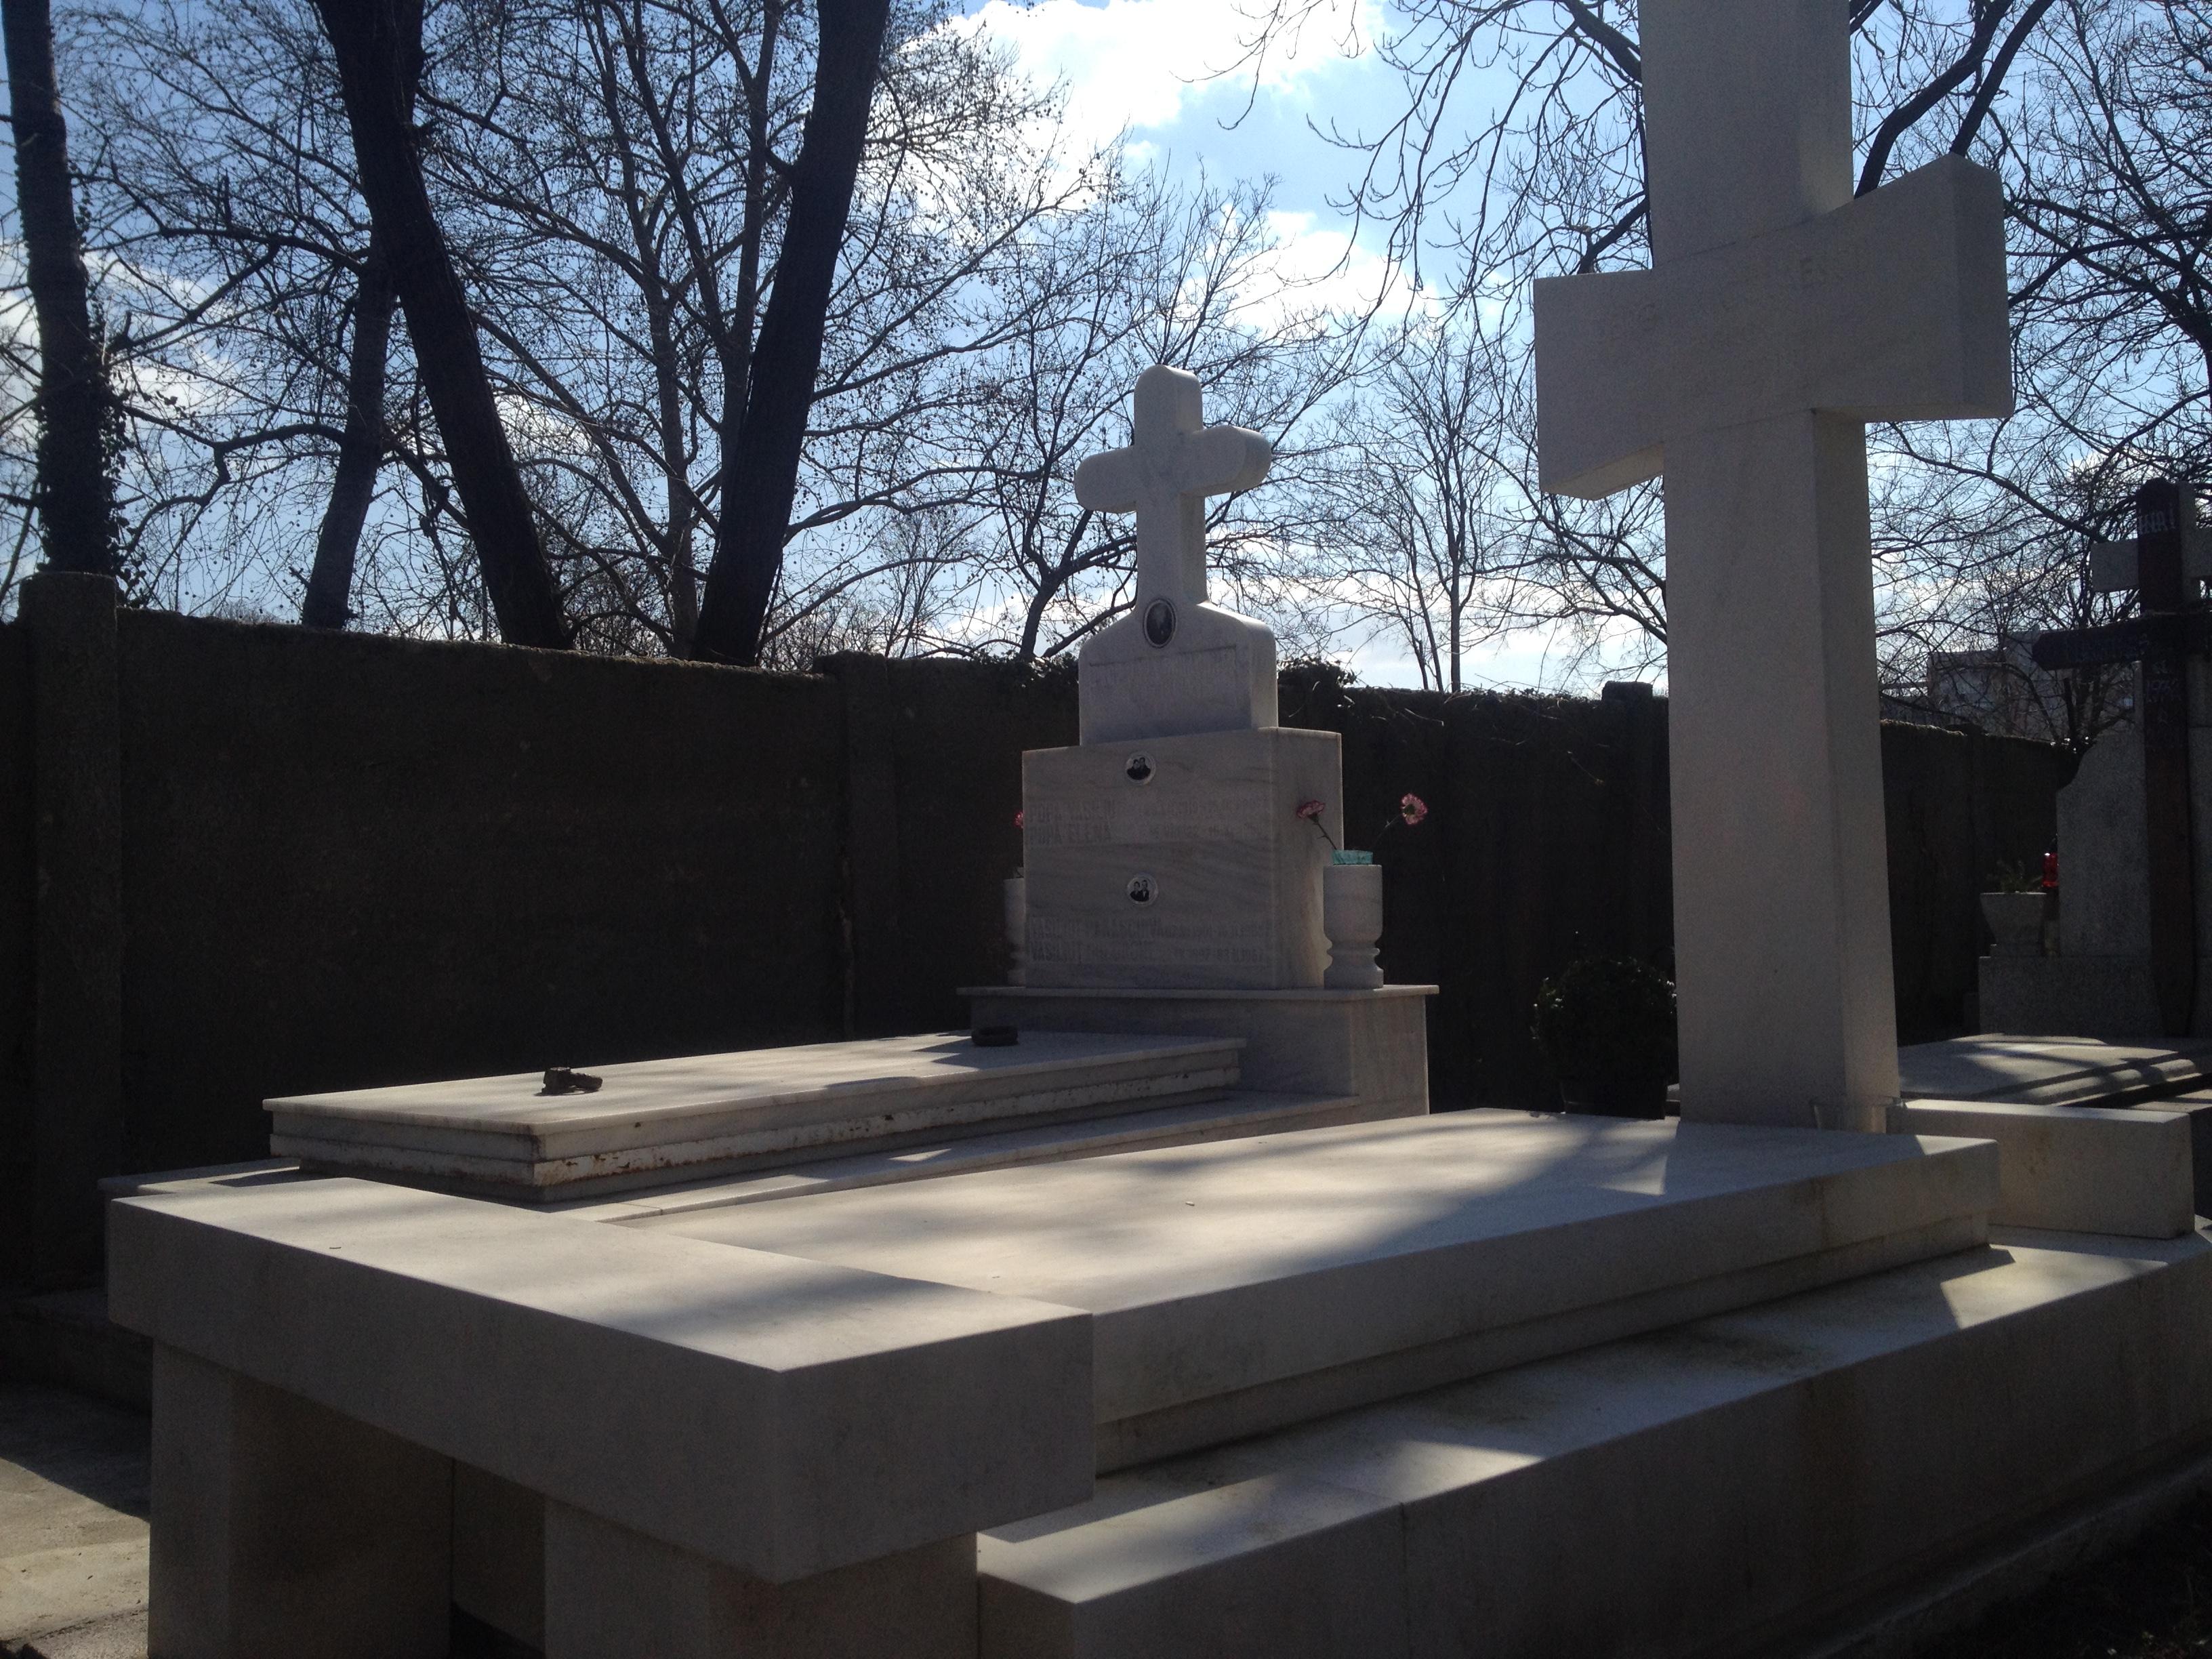 Pe la mormantul lui Sergiu Nicolaescu nu a trecut nimeni in ultima perioada